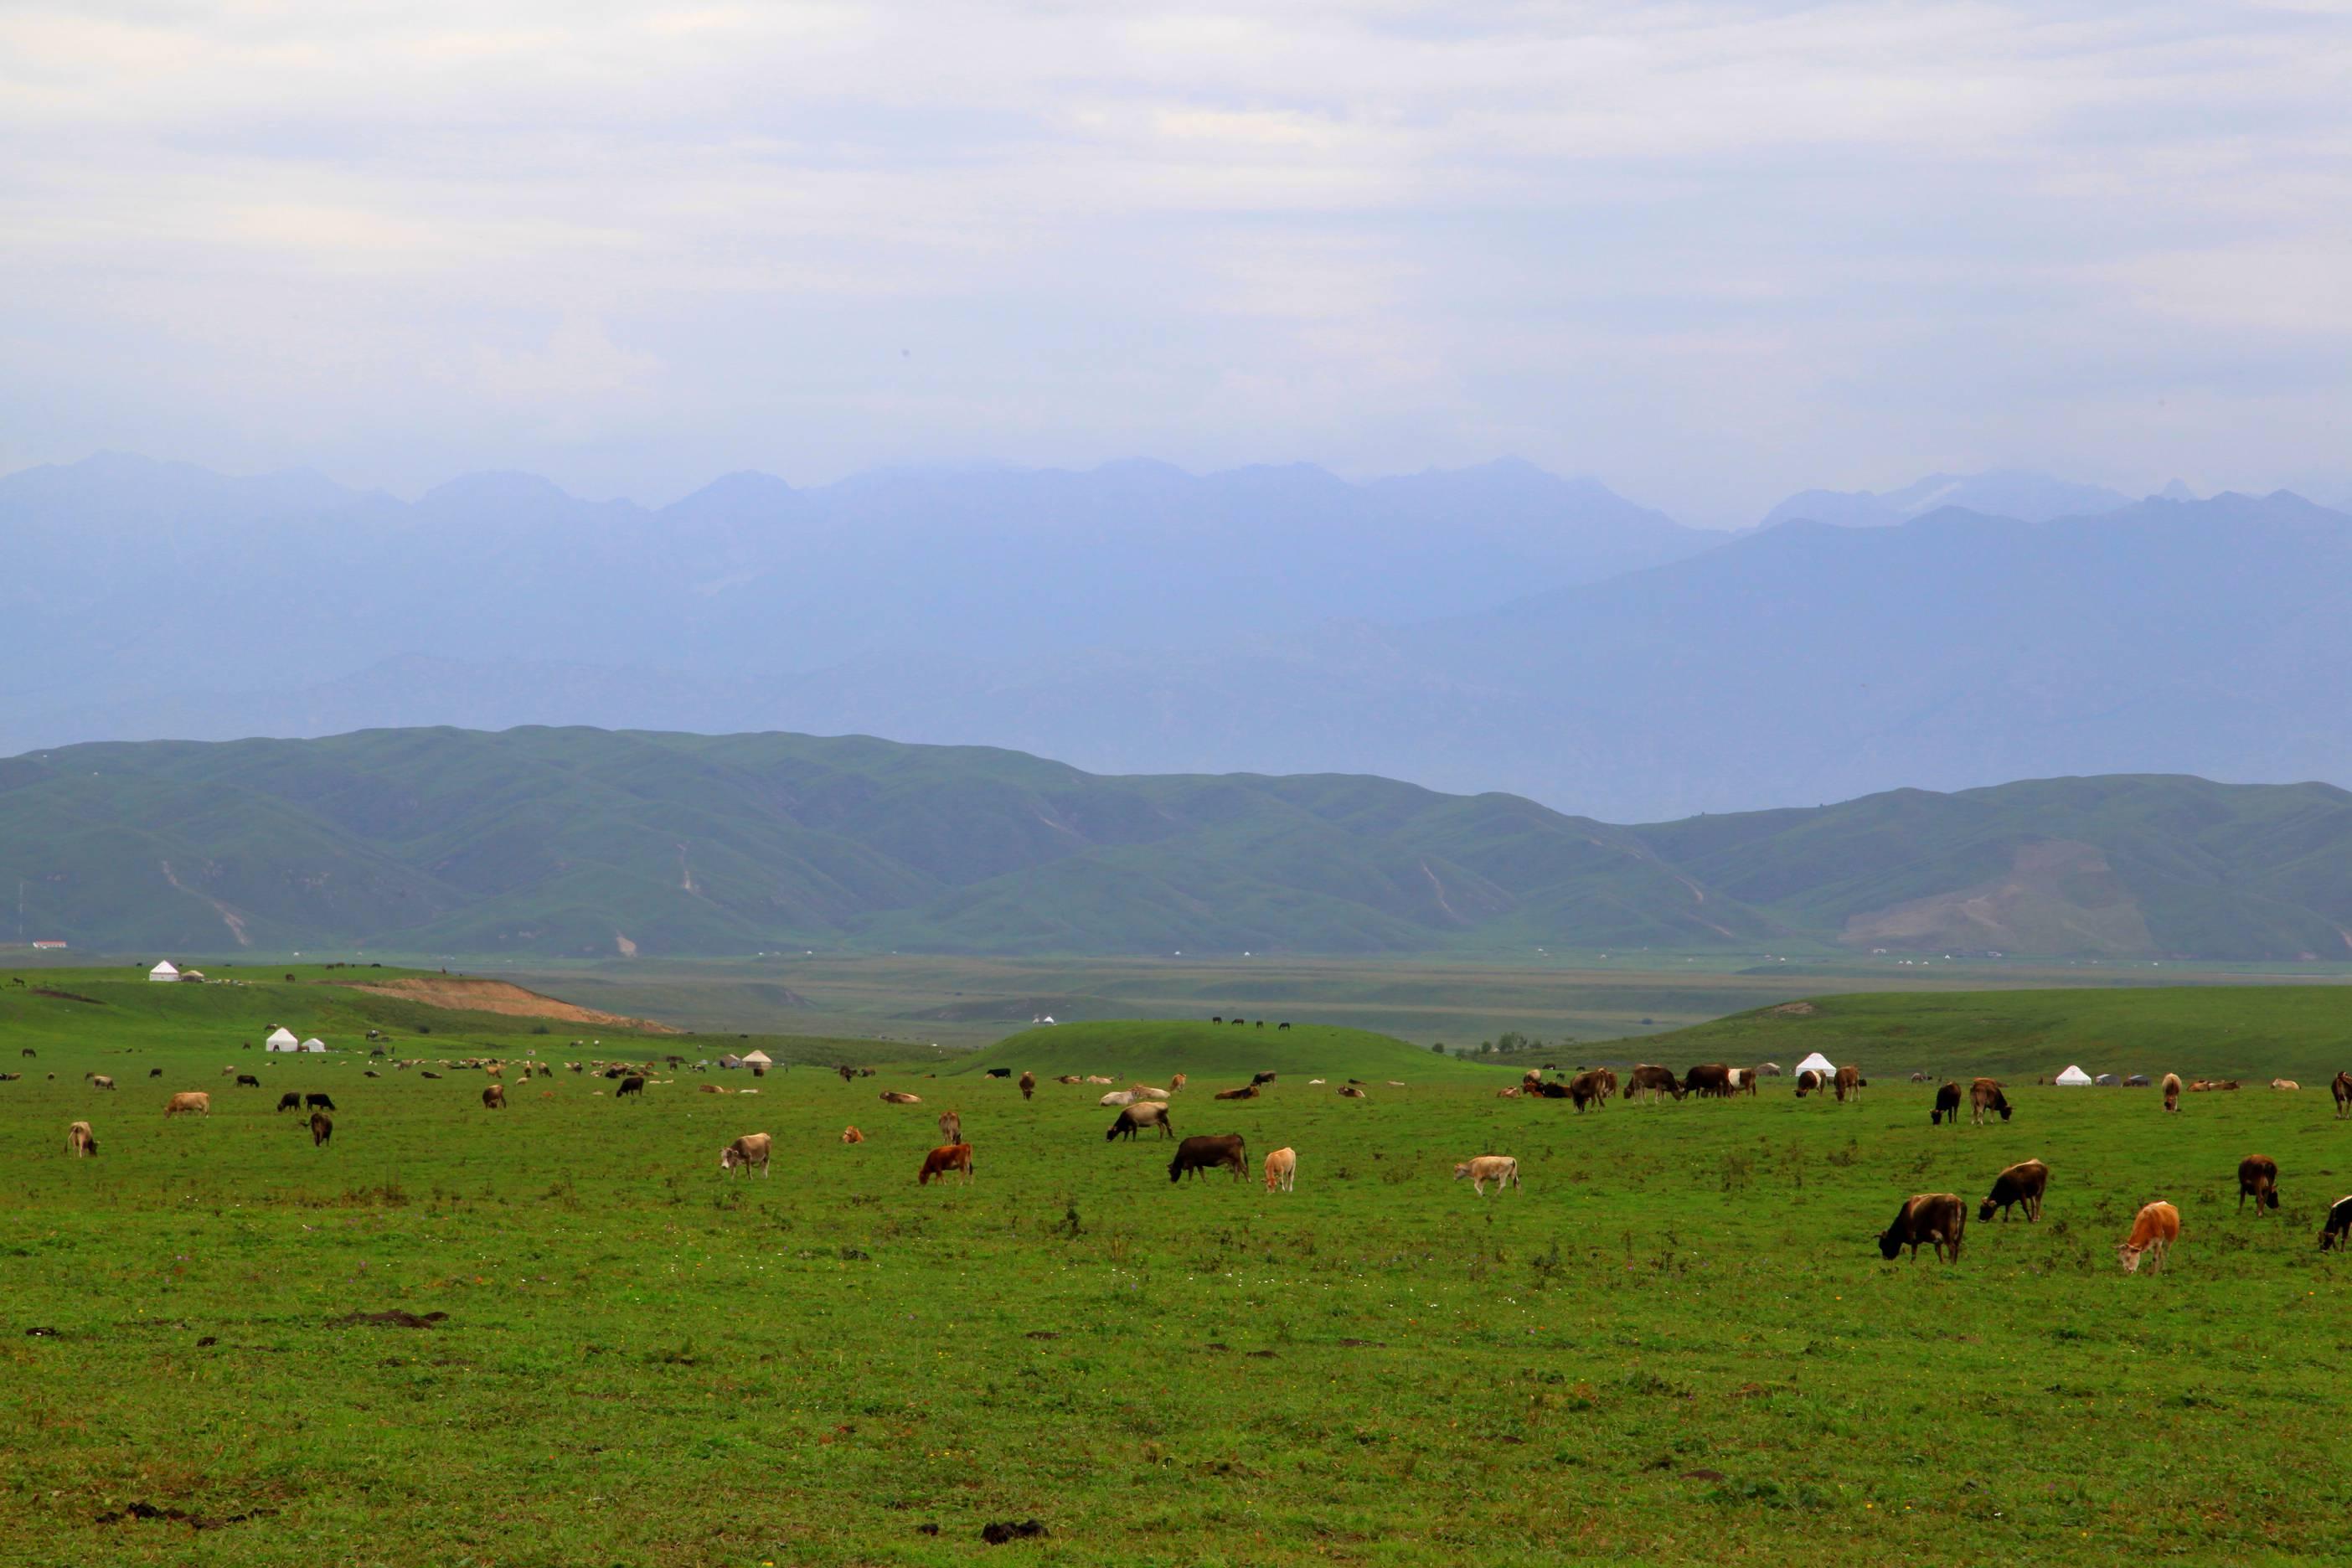 那拉提景区,位于新疆新源县境内,地处天山腹地,在被誉为塞外江南的伊犁河谷东端,有人间天堂之美称。 大漠中,这个曾被成吉思汗二太子察合台西征时命名的最先见到太阳的地方----那拉提(蒙古语)犹如一块镶嵌在黄绸缎上的翡翠,格外耀眼。这里山峦起伏,绿草如茵,既有草原的辽阔,又有溪水的柔美。既有群山的俊秀,又有松林如涛的气势。她以特有原始自然风貌,向世人展示天山深处一道宛如立体画卷般的风景长廊。这里居住全国十分之一的以热情好客、能歌善舞而著称的天山儿女哈萨克族,至今仍保留着浓郁古朴的民俗风情和丰富的